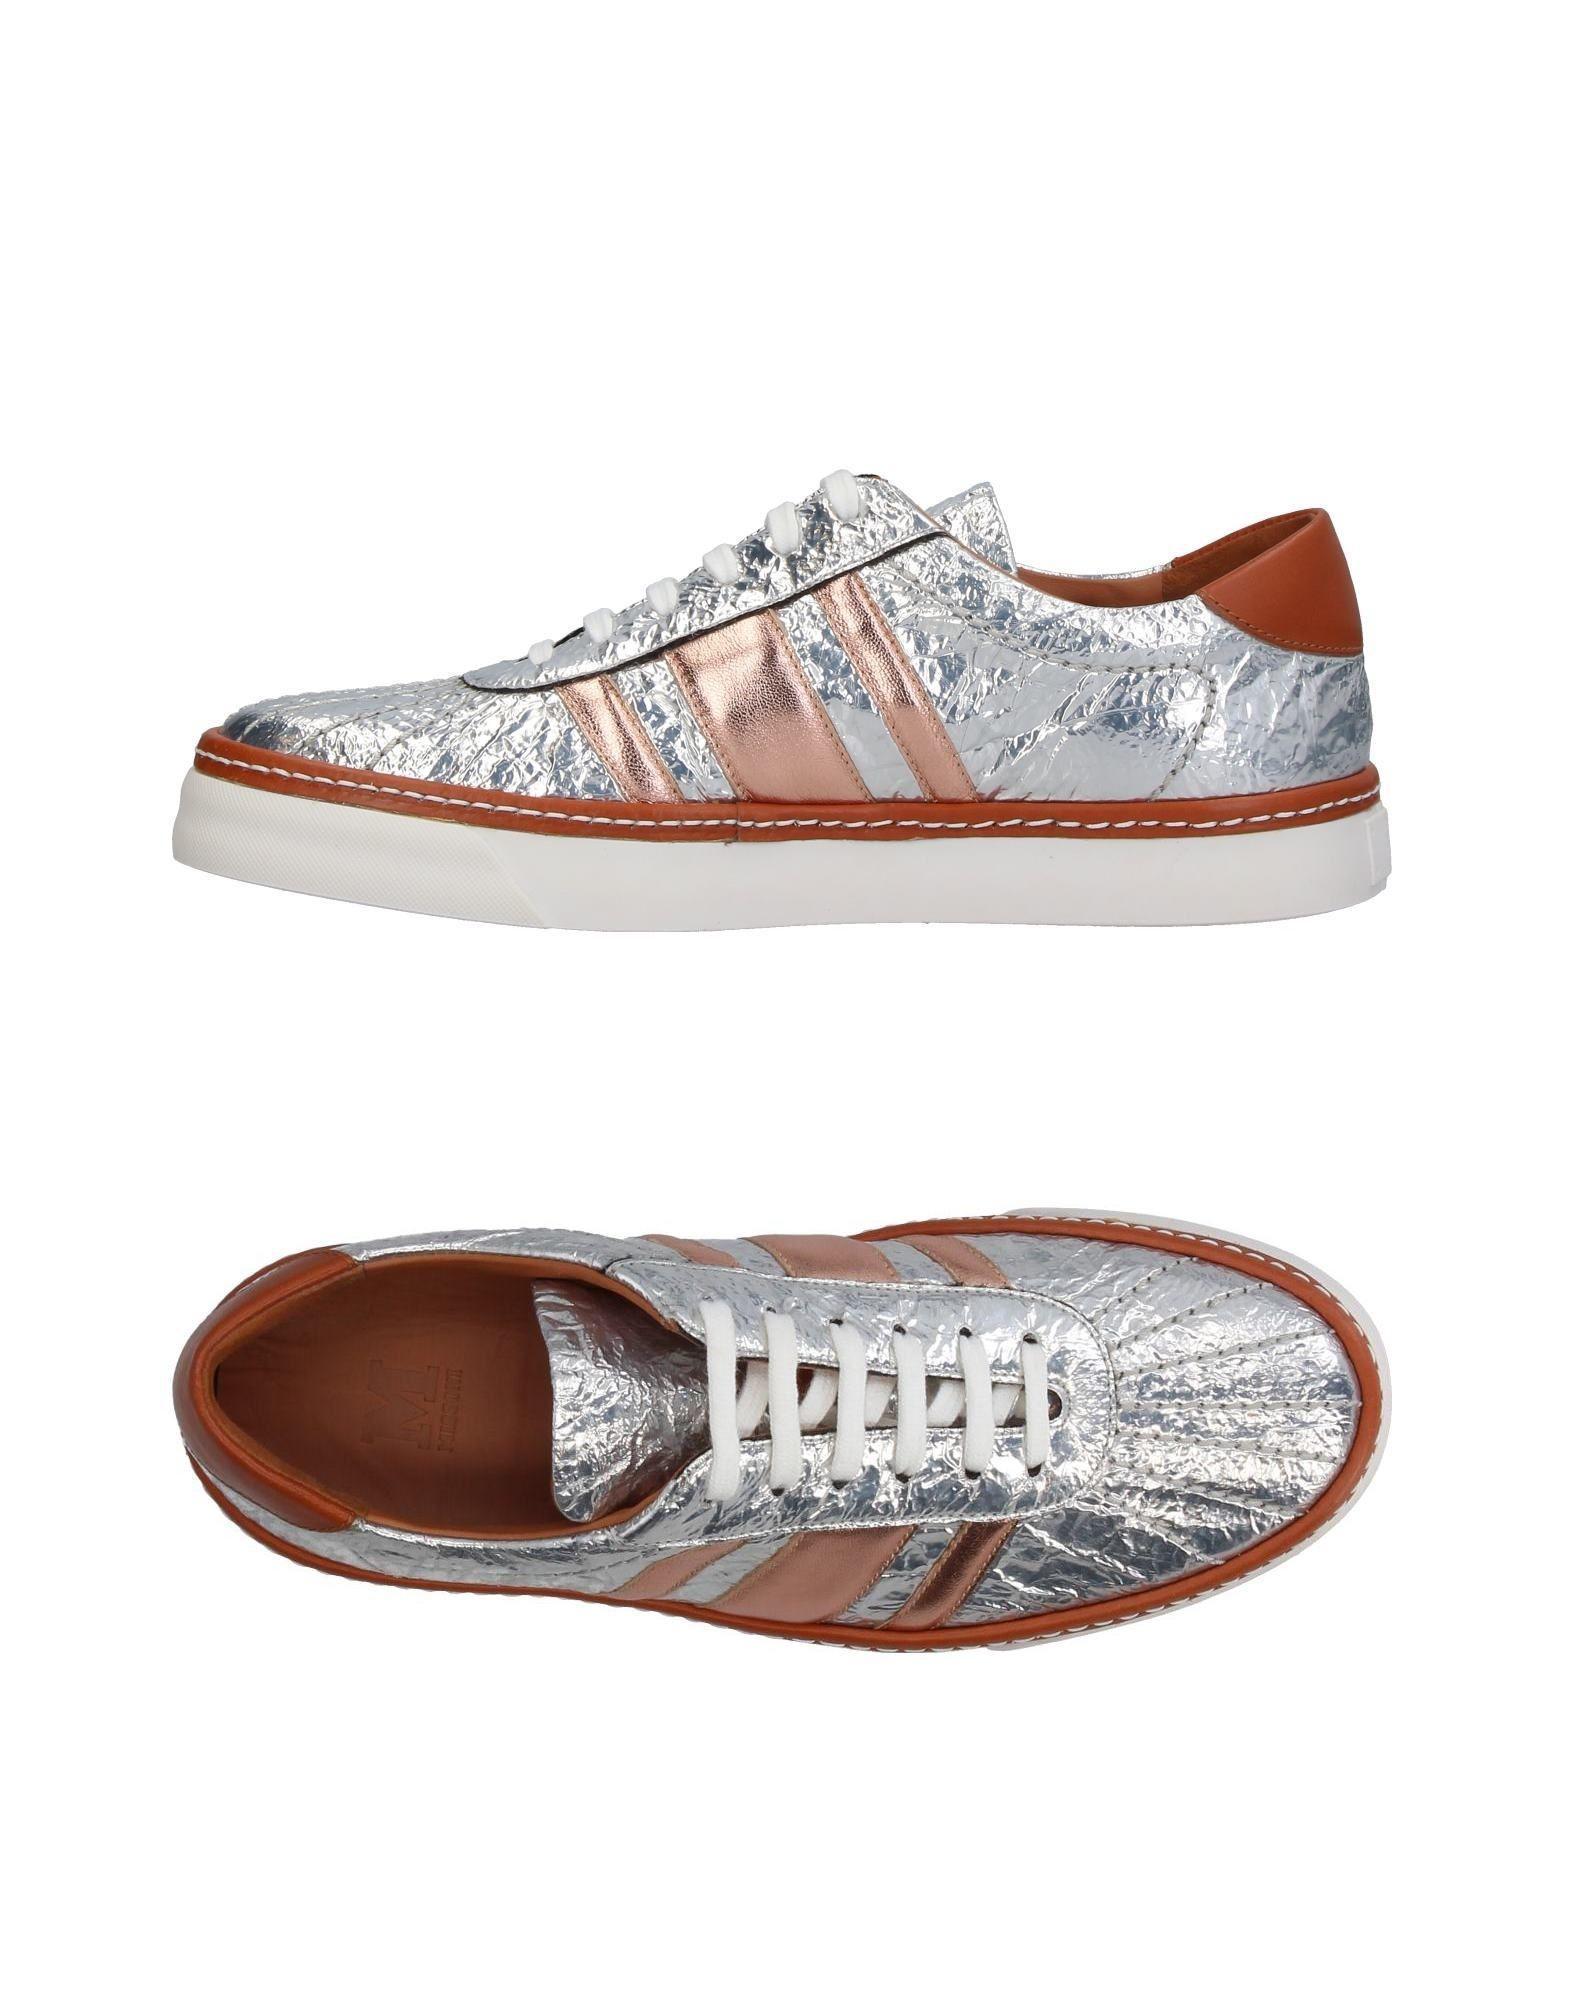 M Missoni Bas-tops Et Chaussures De Sport 8wluo